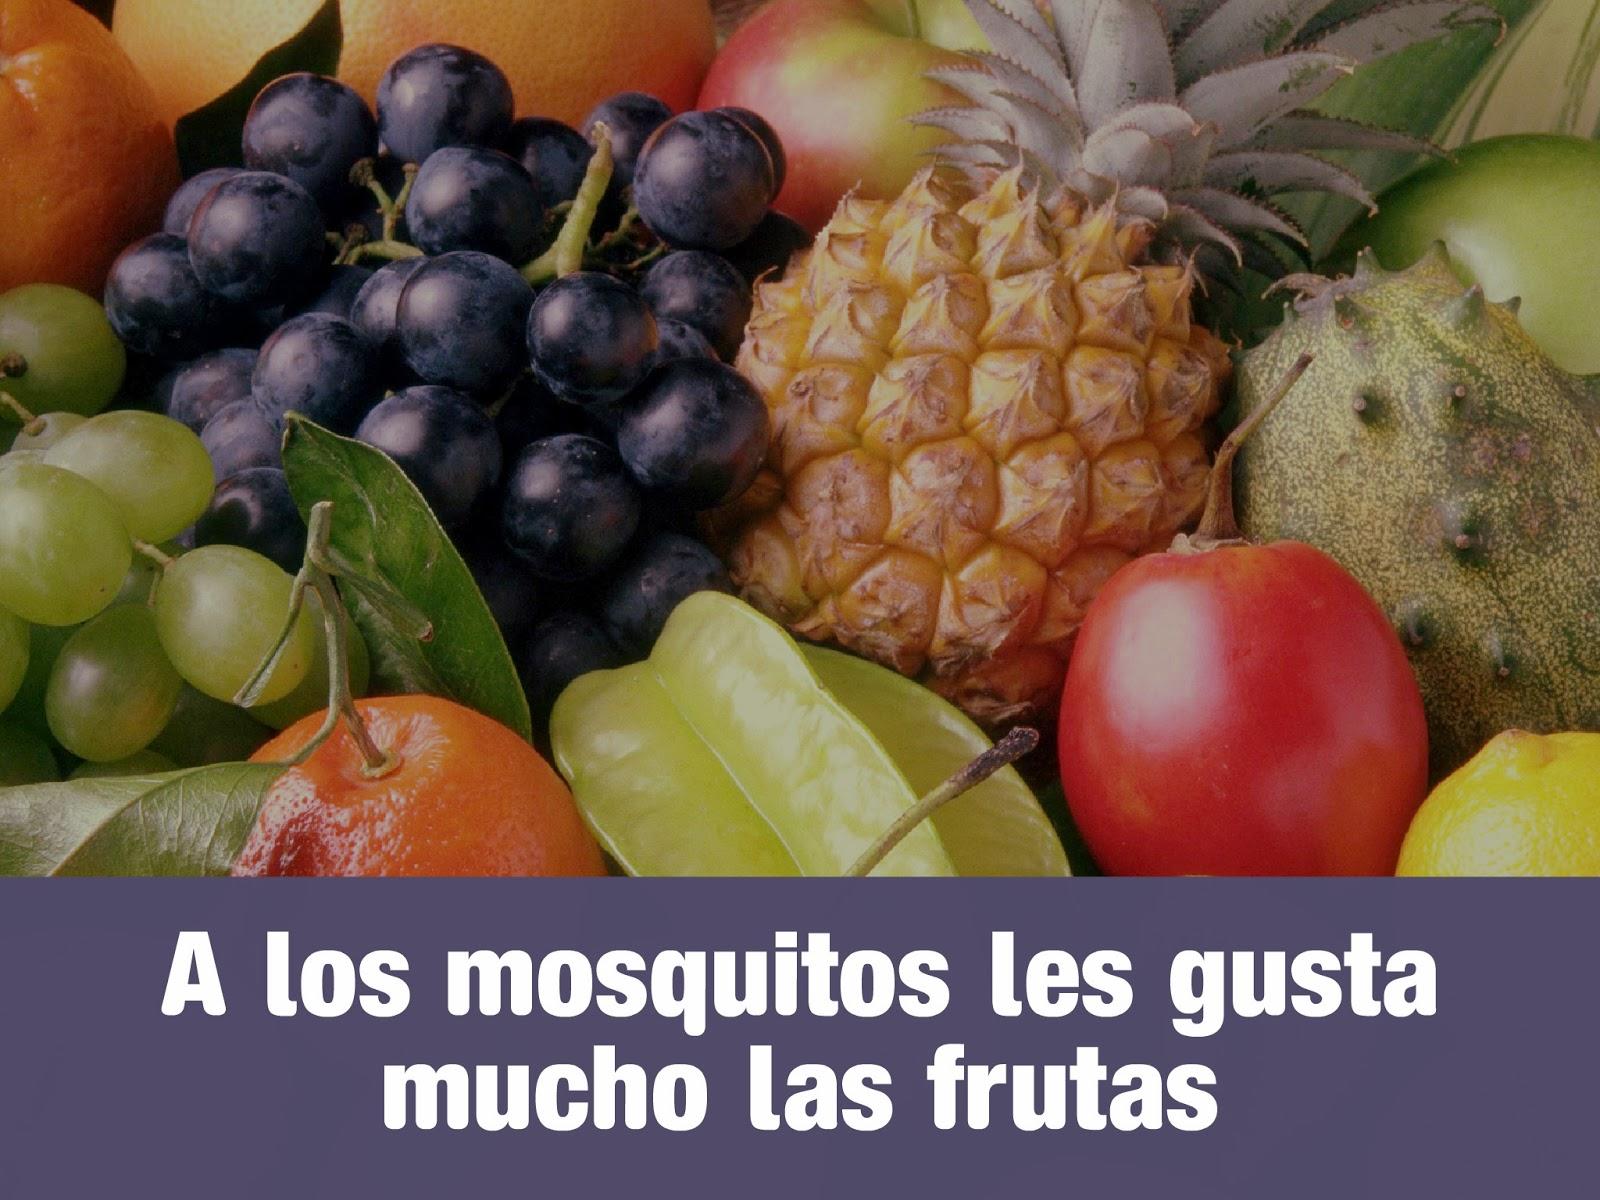 mosquitos-frutas